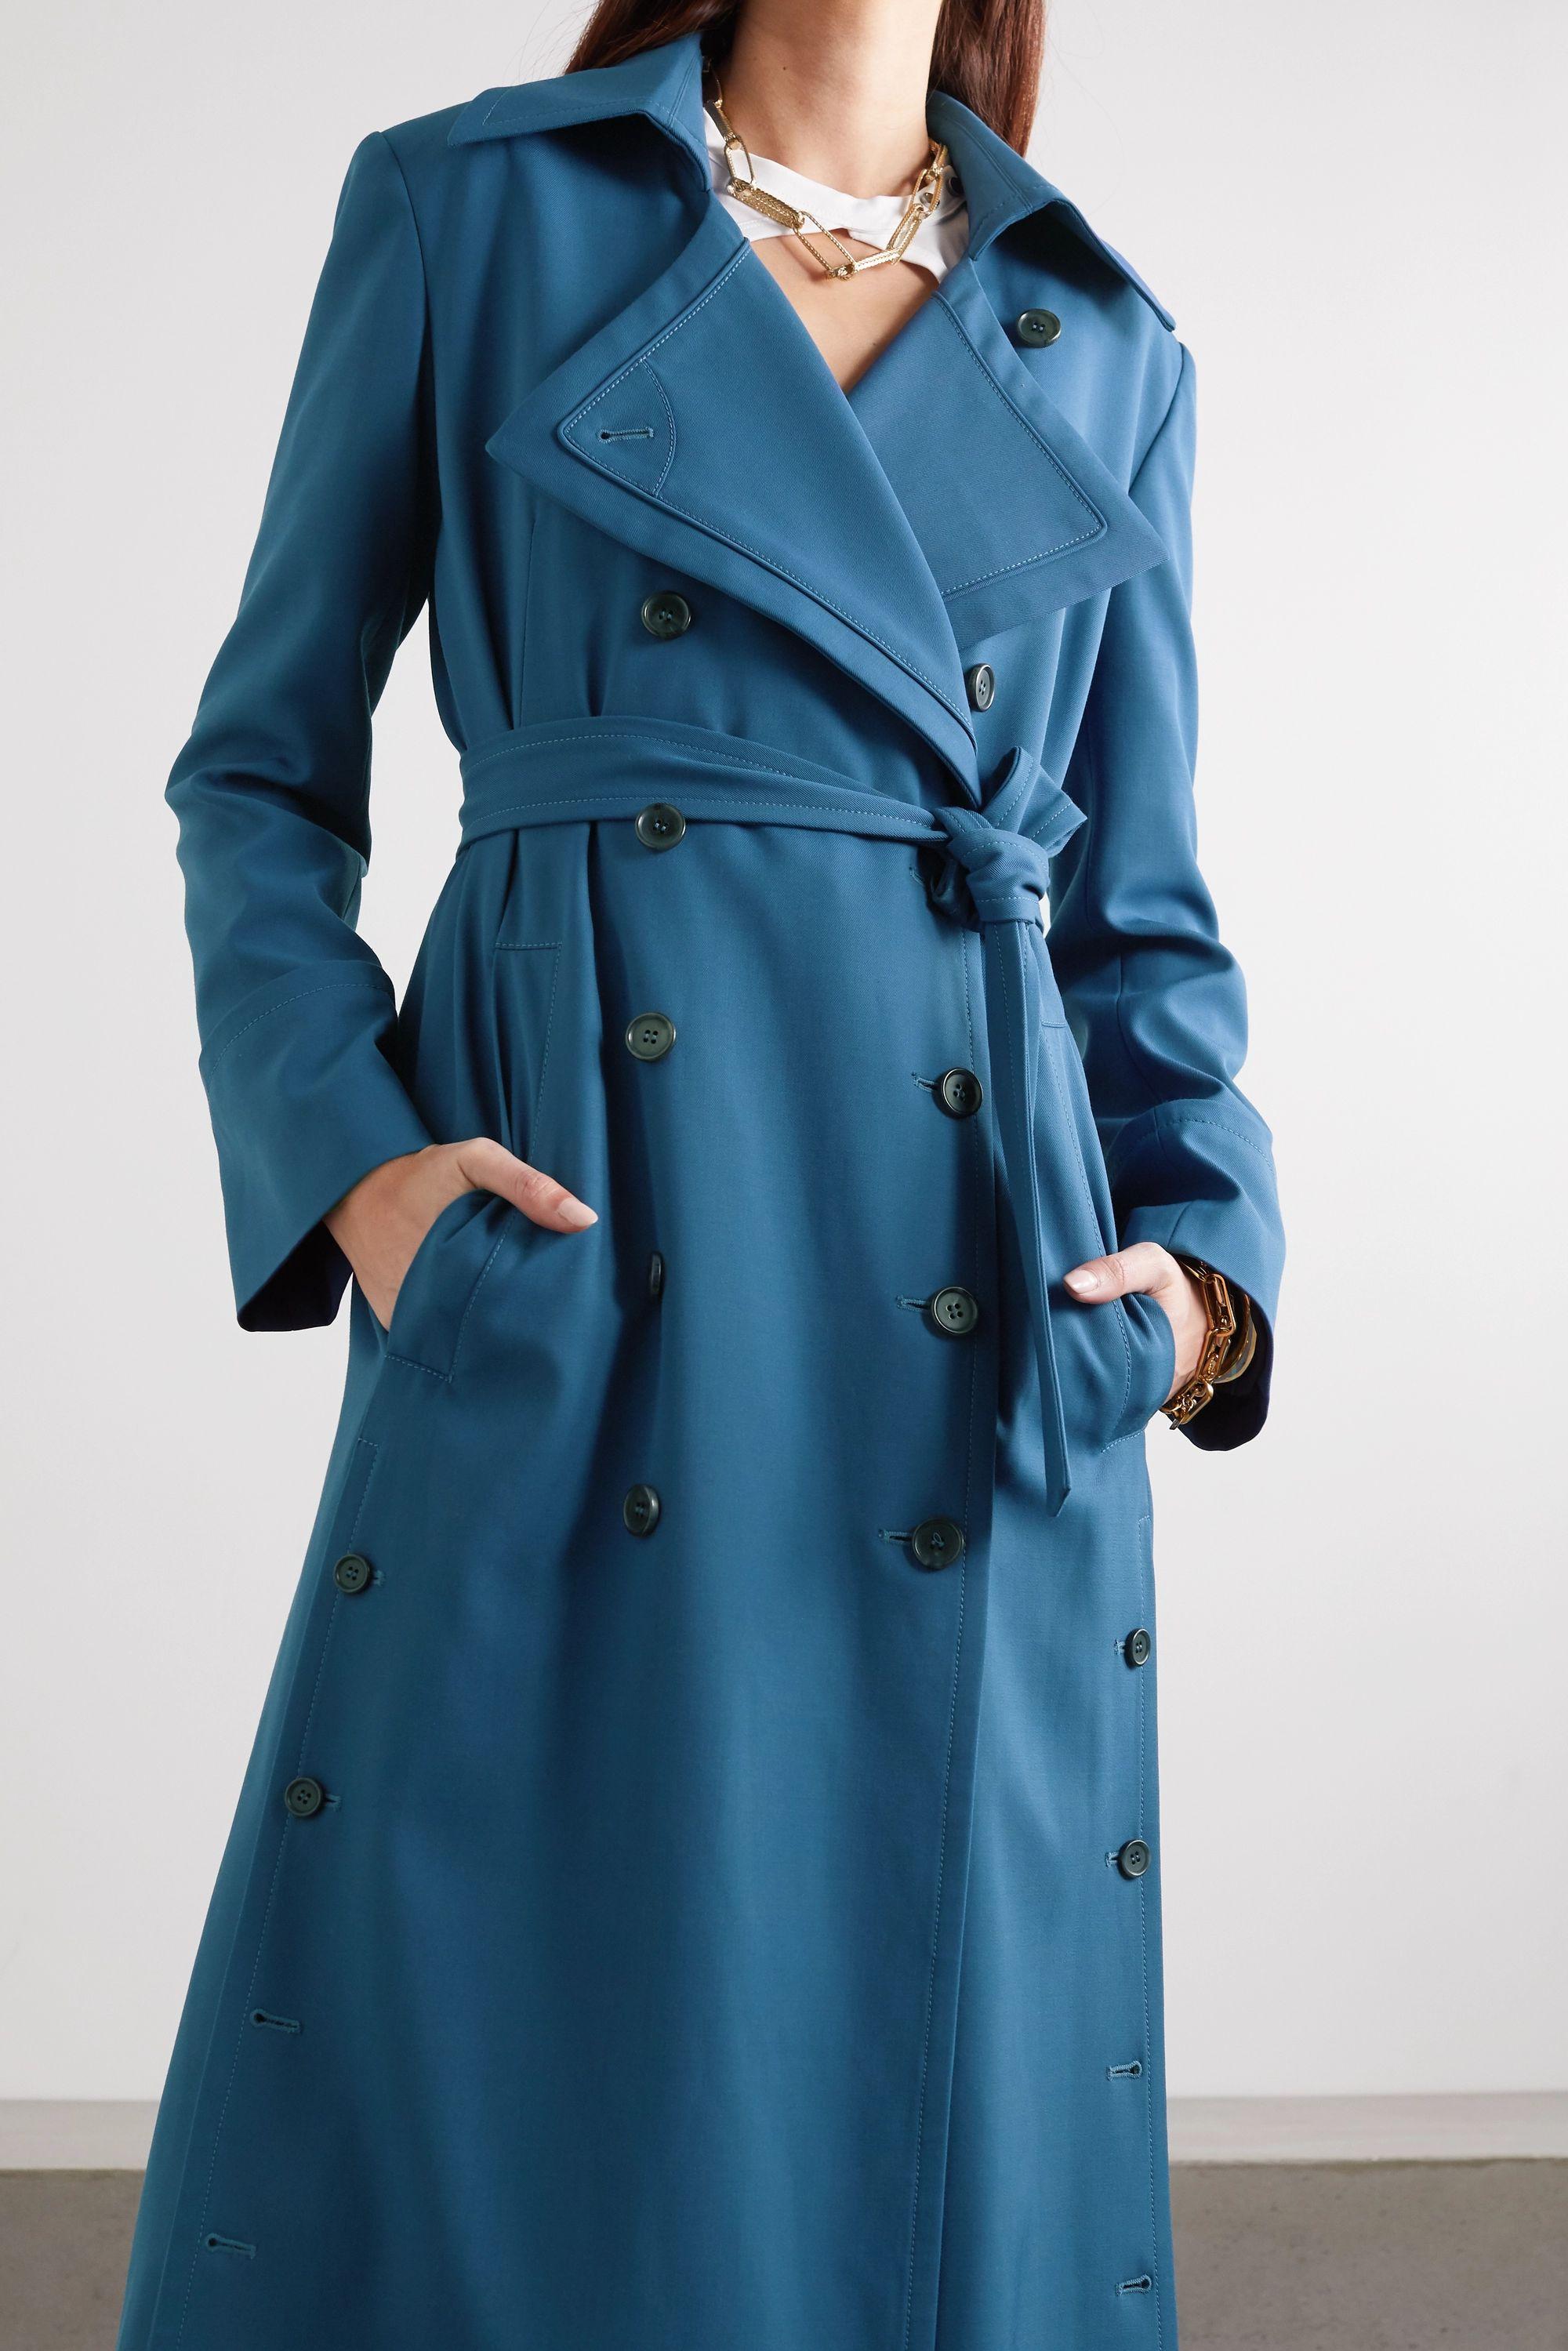 Chloé 双排扣配腰带华达呢外套